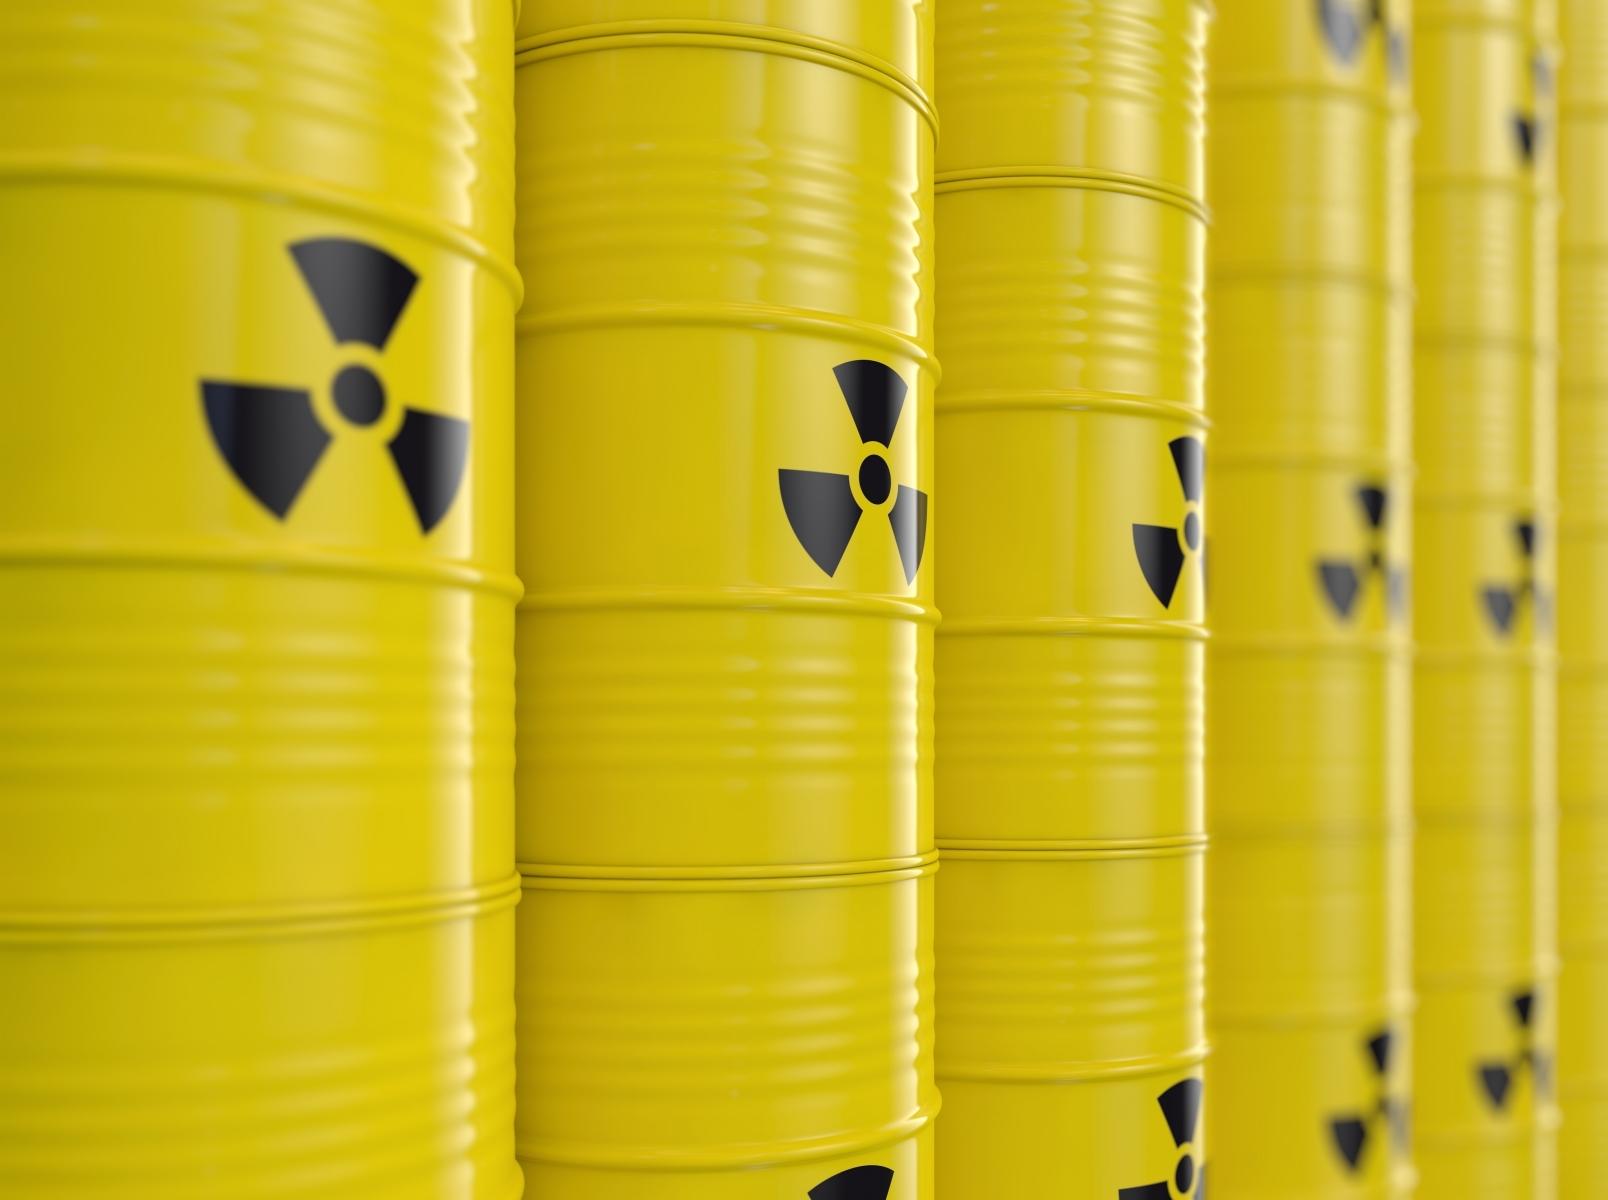 МАГАТЭ и Россия подписали договор по транспортировке урана в Казахстан